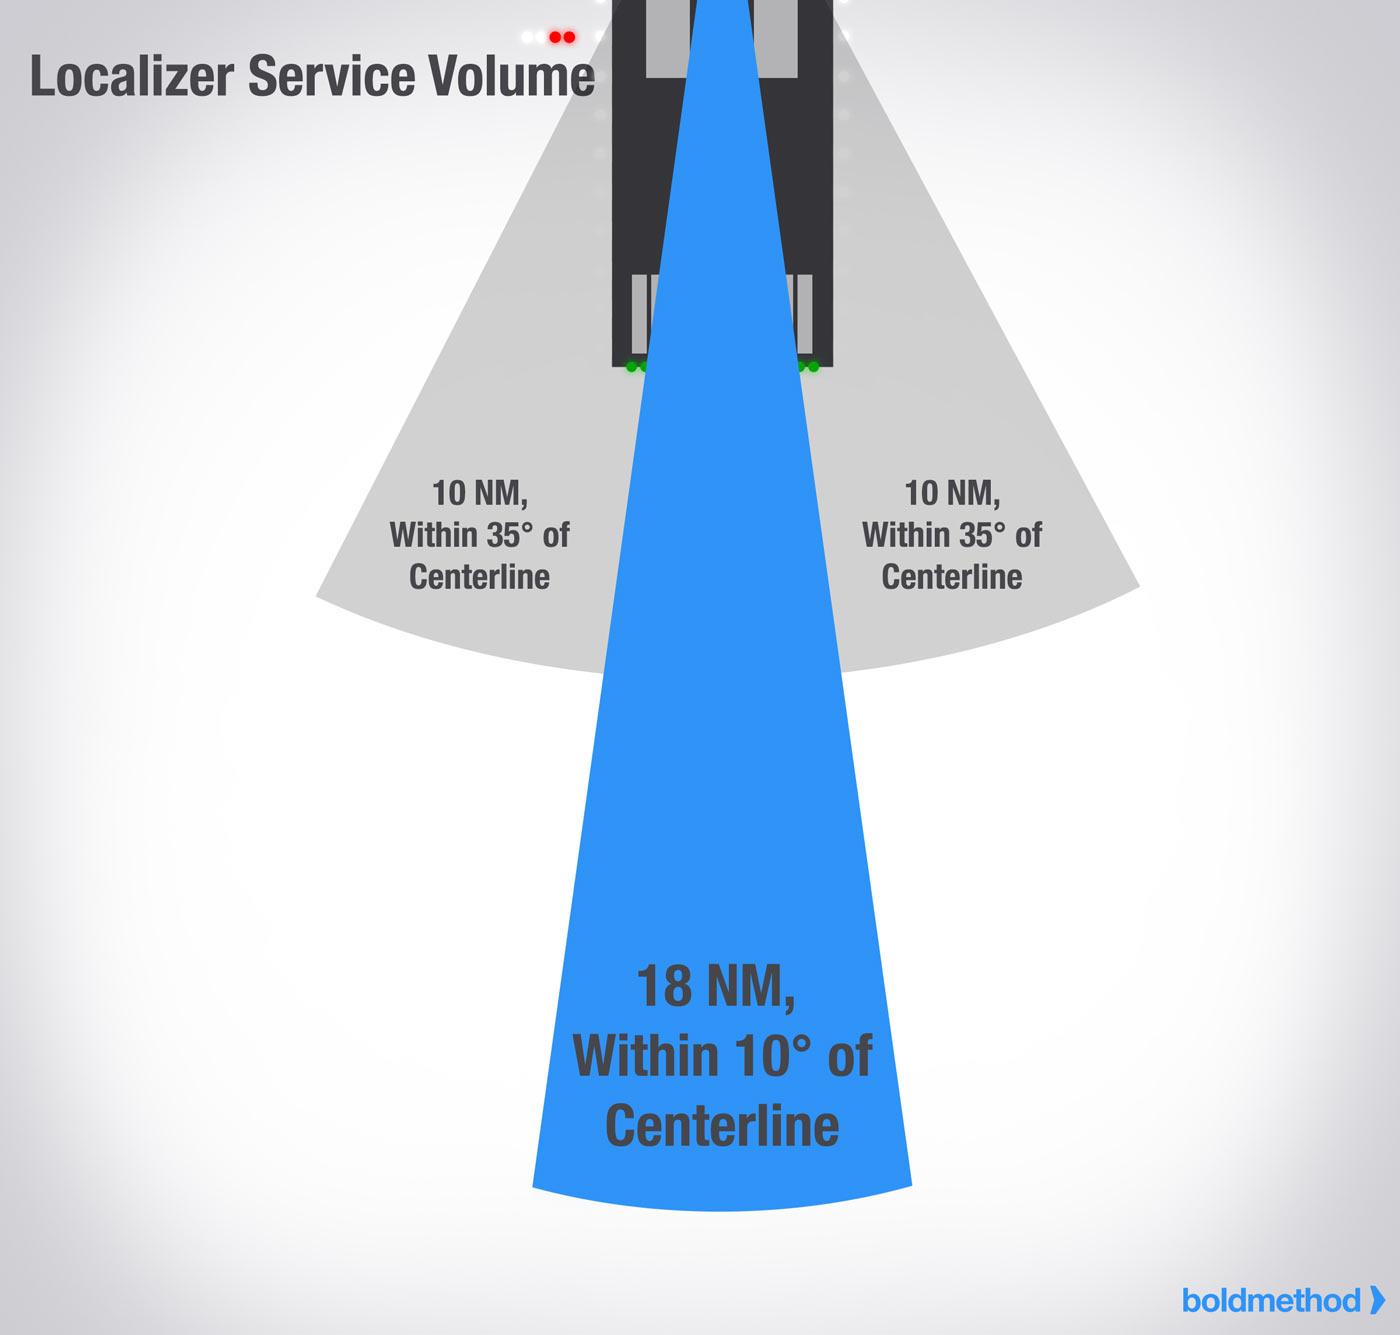 boldmethod.com on the localizer service volume